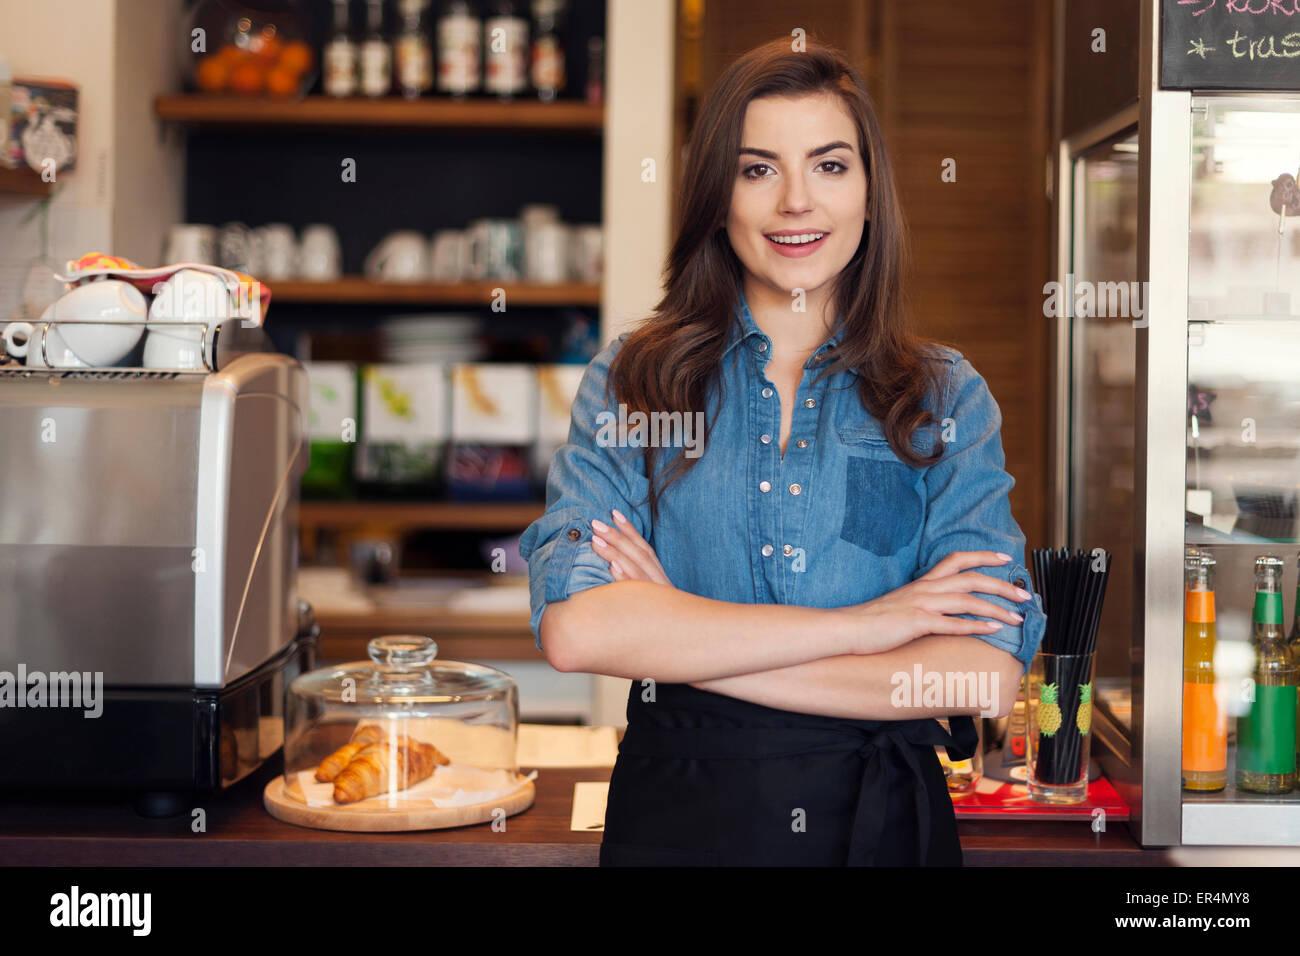 Ritratto di cordiale cameriera a lavoro. Cracovia in Polonia Immagini Stock